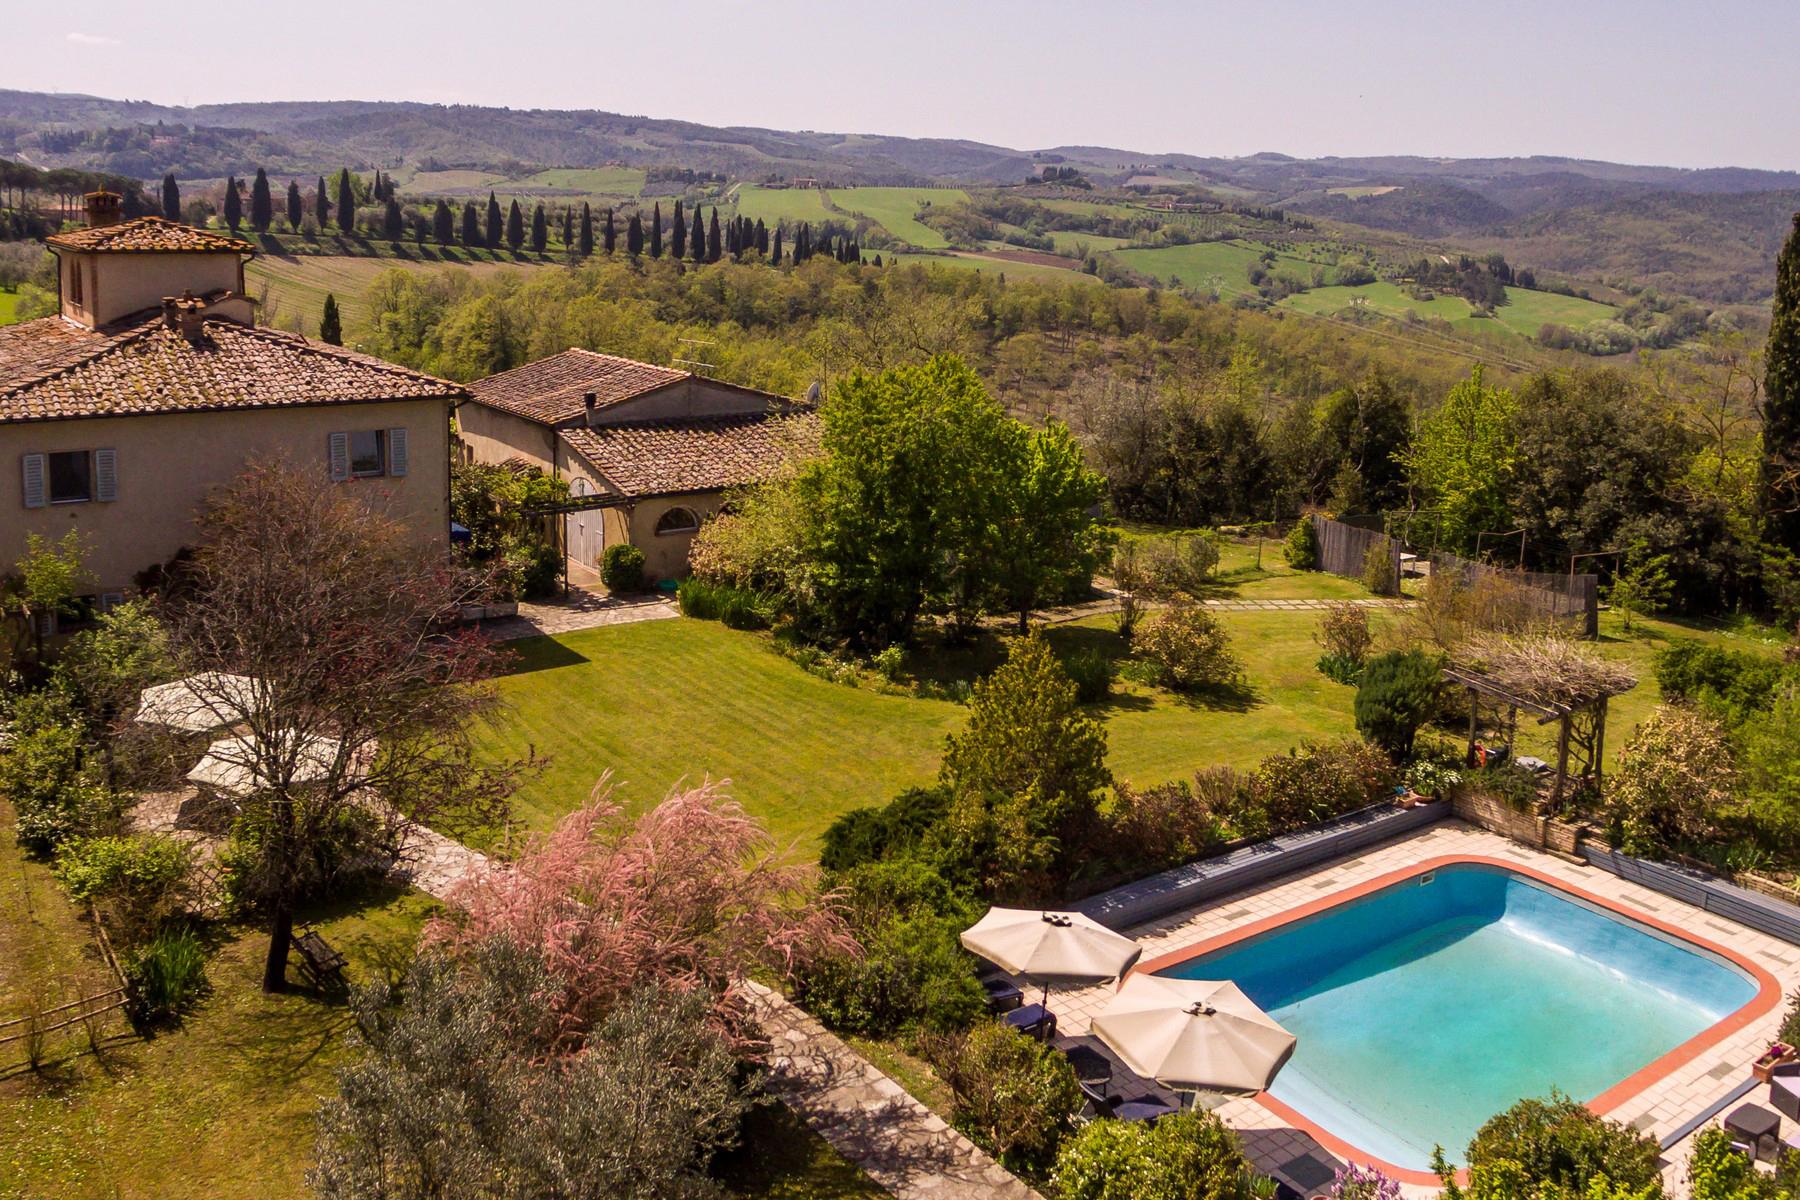 Rustico in Vendita a San Gimignano: 5 locali, 615 mq - Foto 2